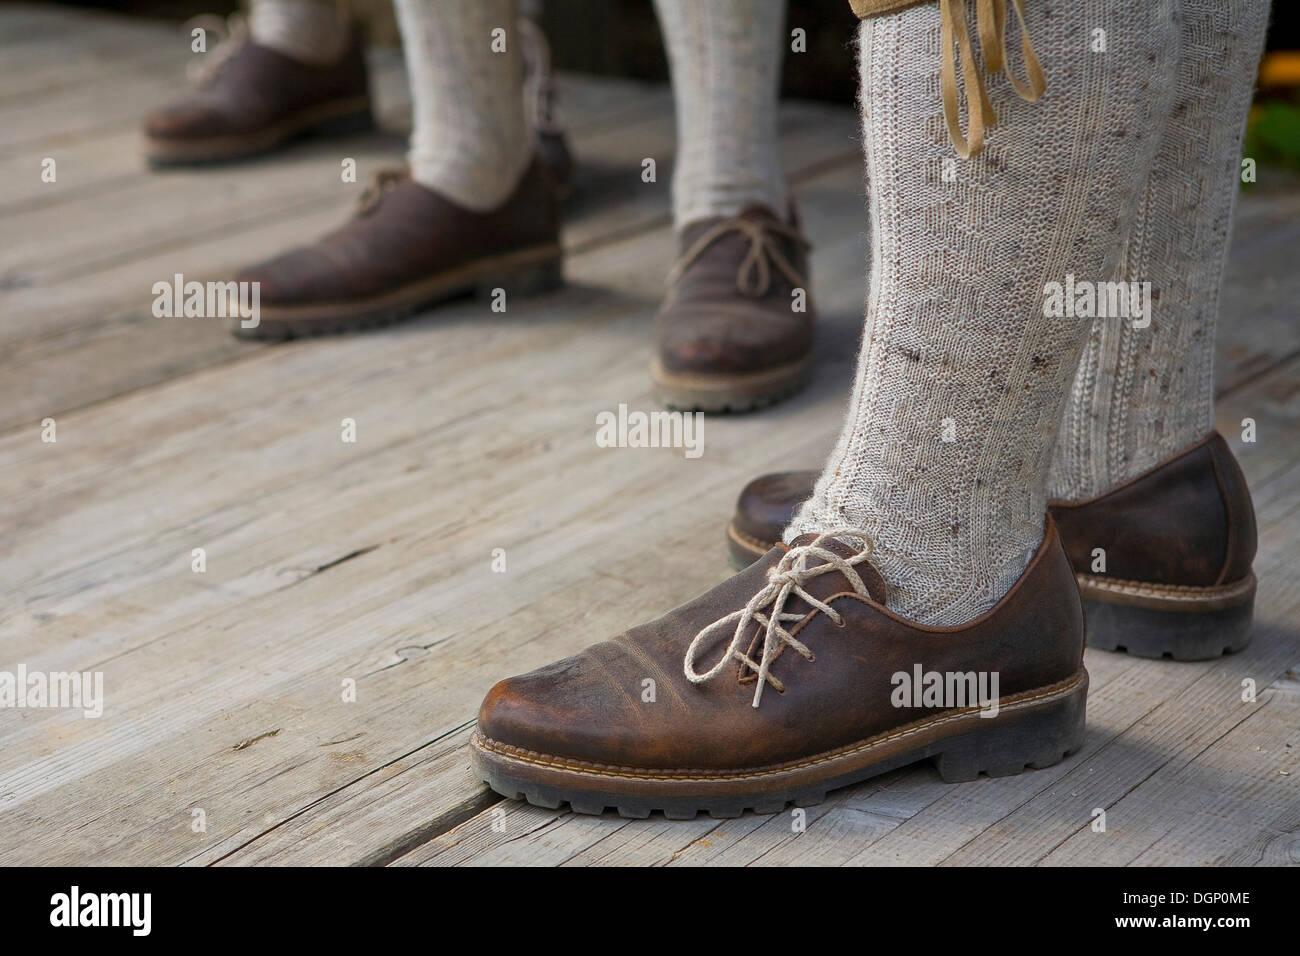 Costume traditionnel tyrolien, détail des pieds, dans le Tyrol du Sud, Italie, Europe Banque D'Images